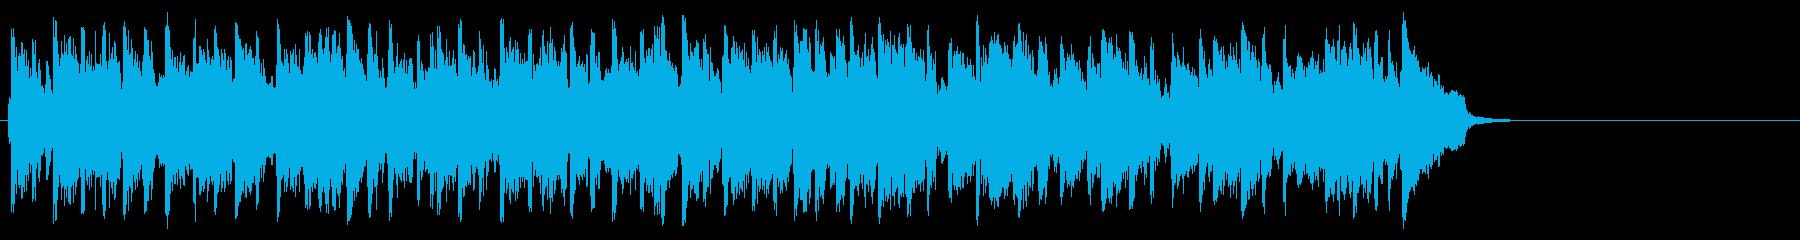 秋を感じる爽やかなポップ(サビ~エンド)の再生済みの波形